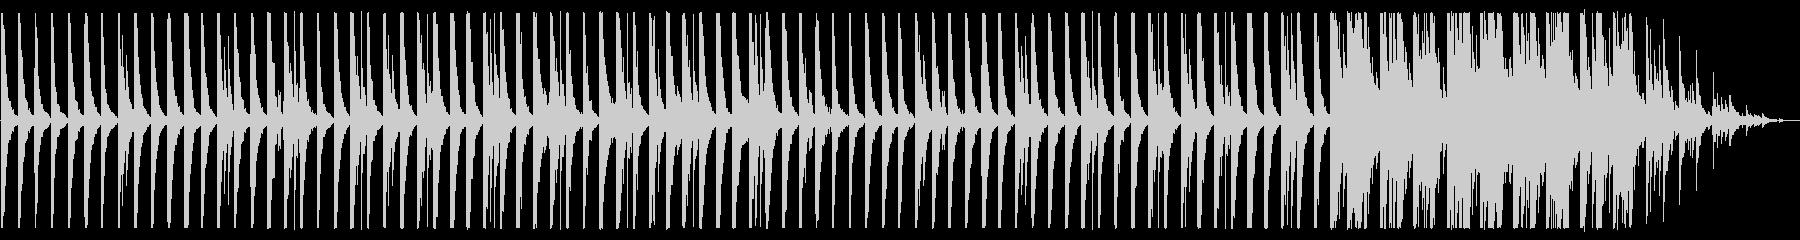 キラキラ/エレクトロニカ_No441の未再生の波形